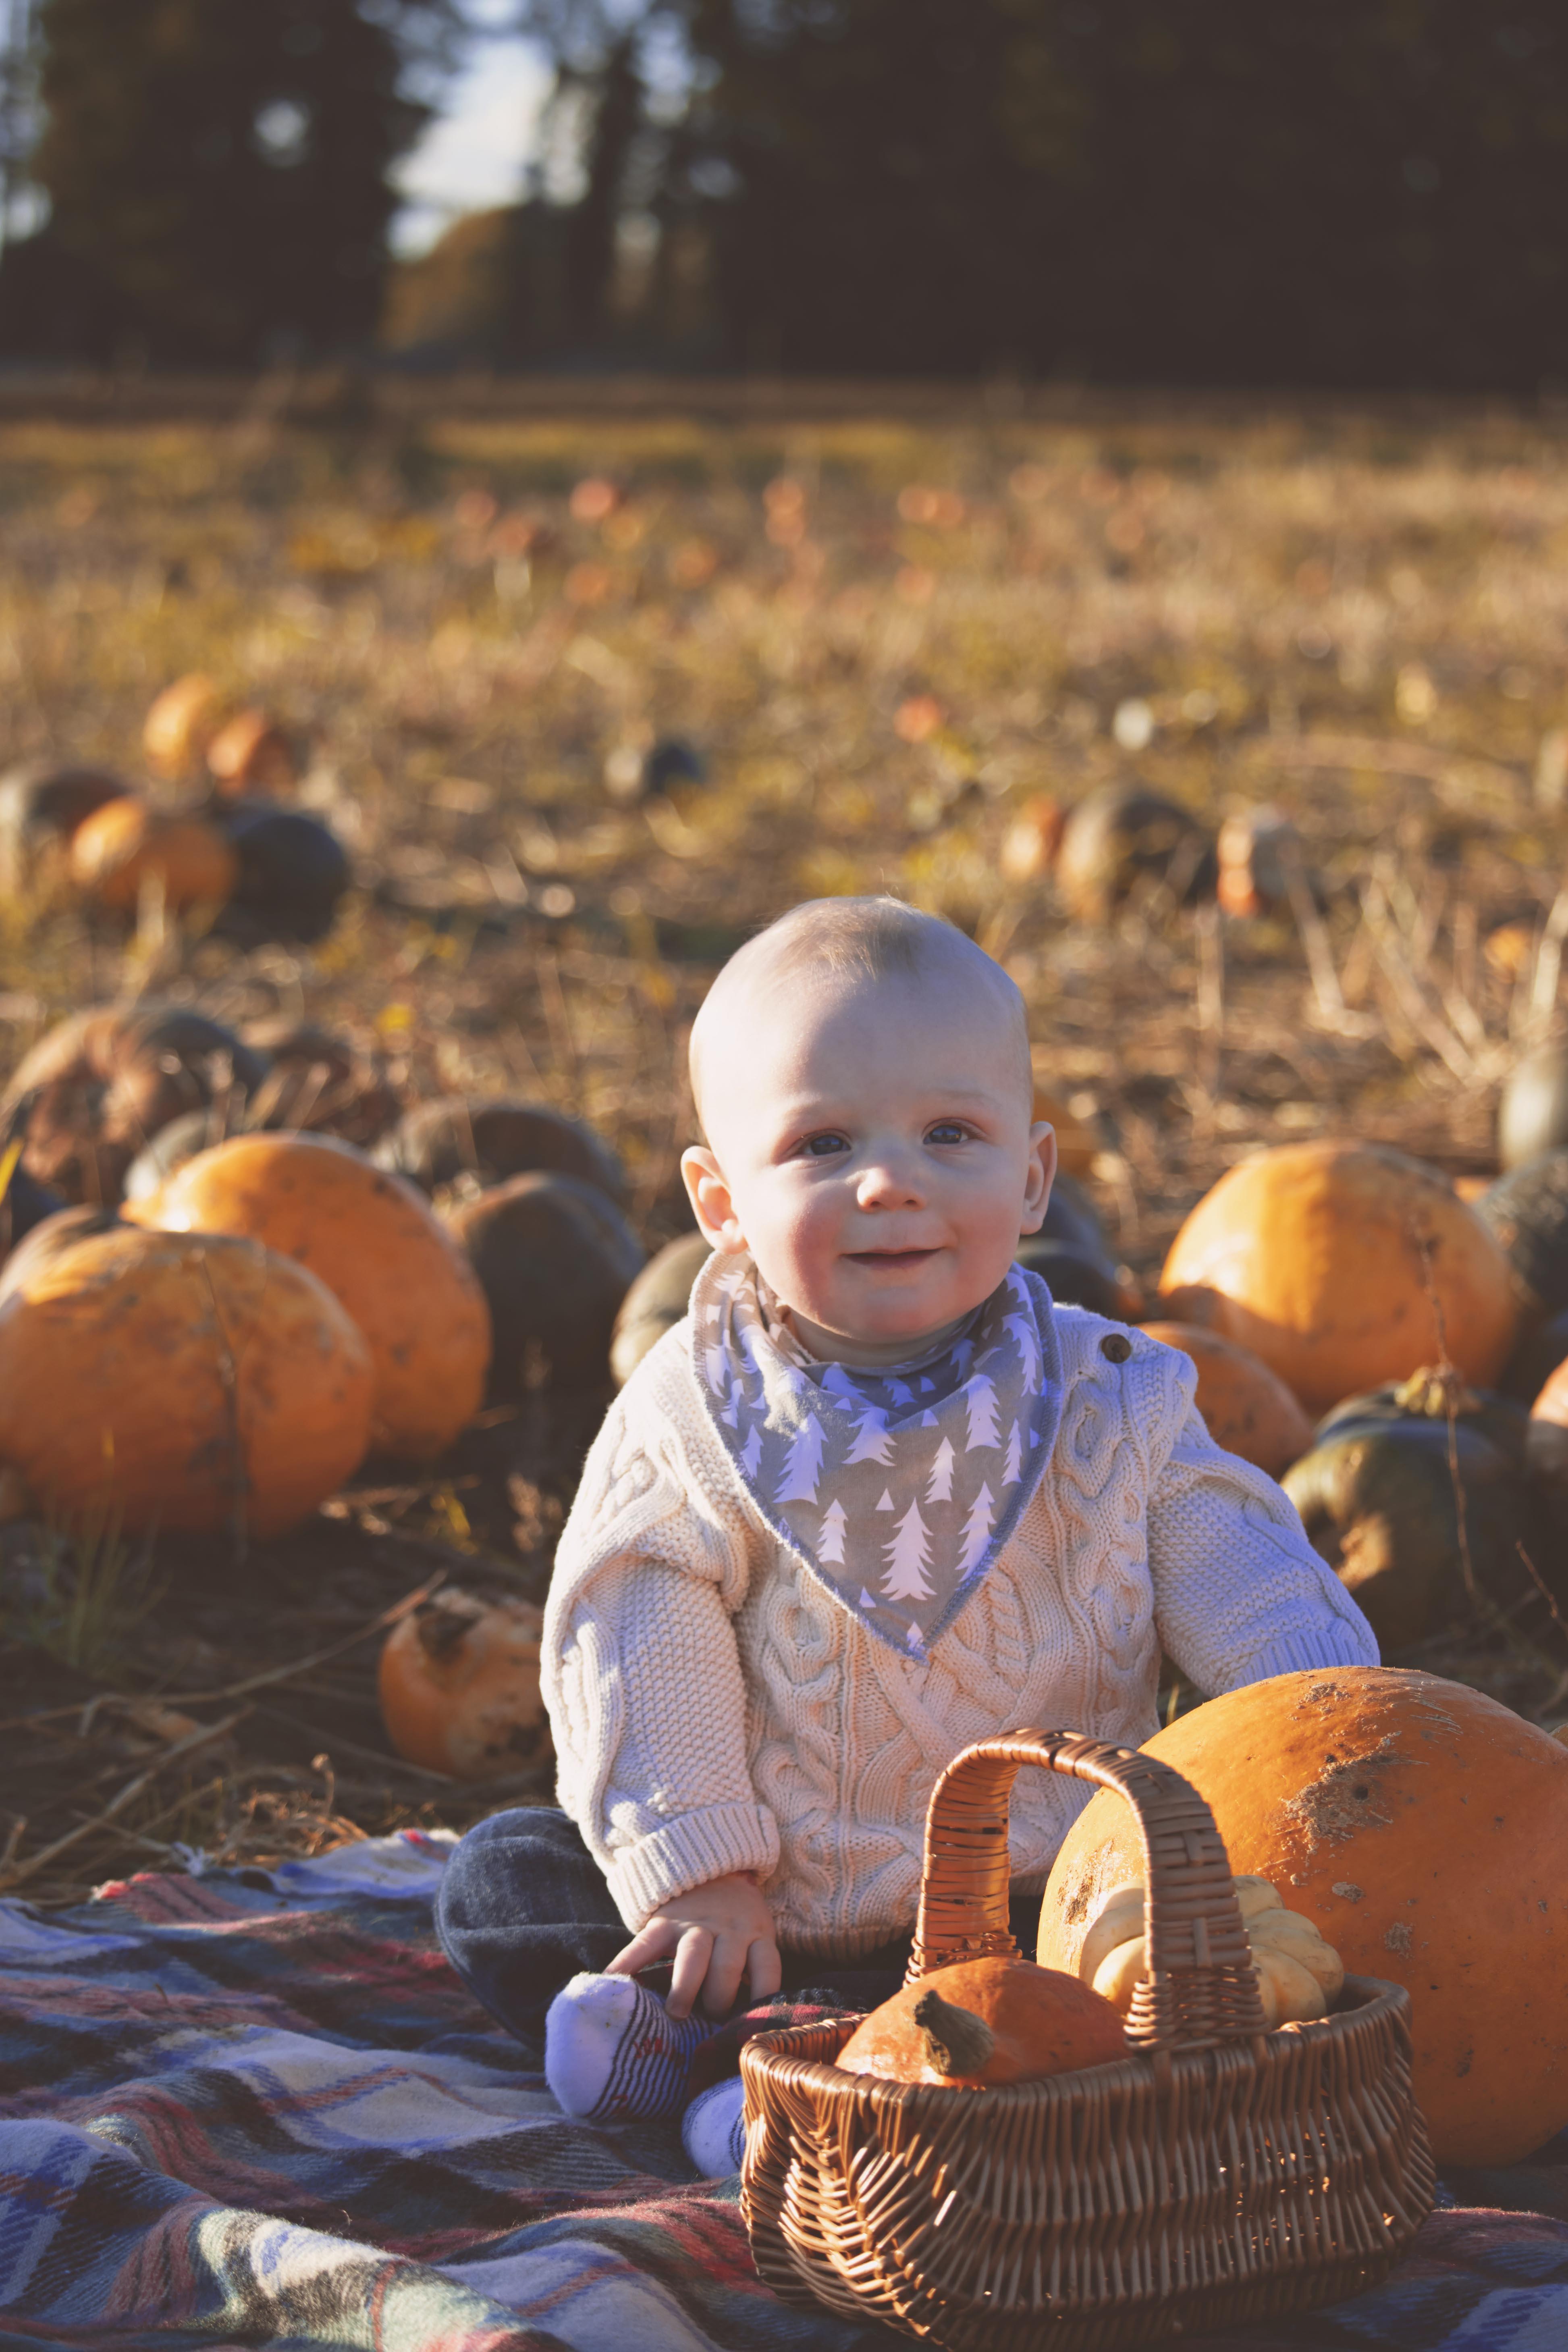 Sunset Pumpkin Photography